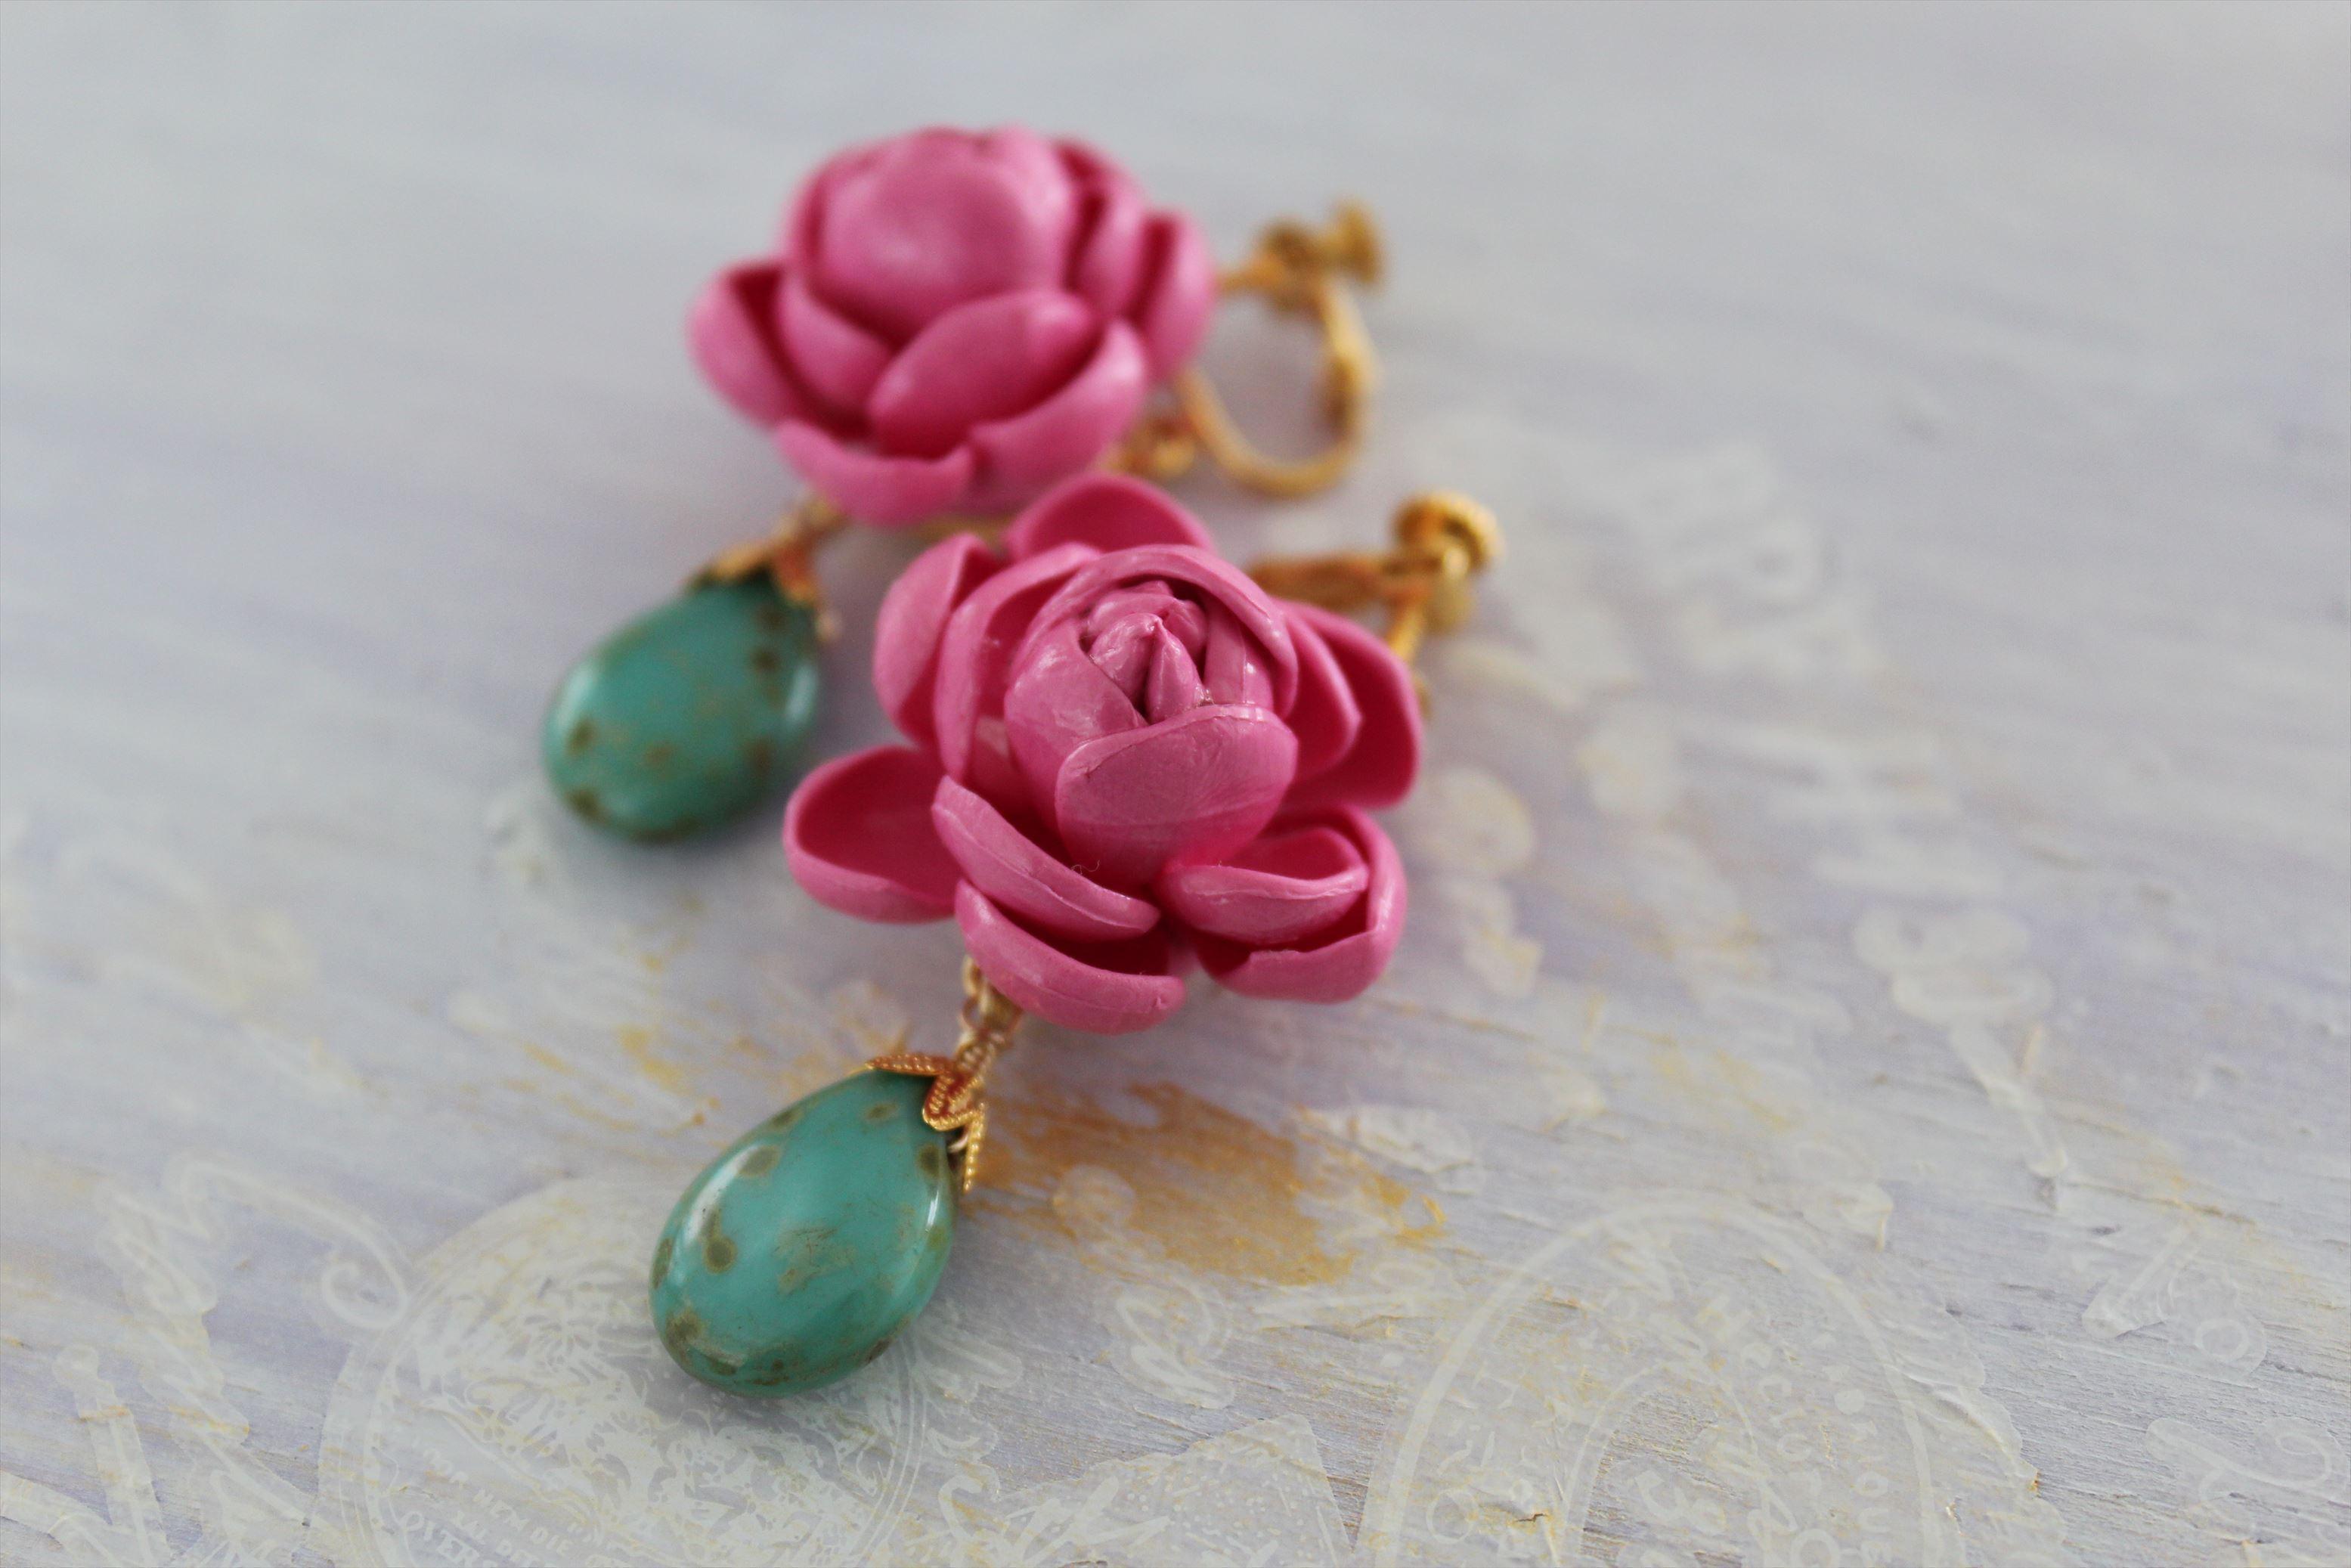 ピンクの薔薇のイヤリング